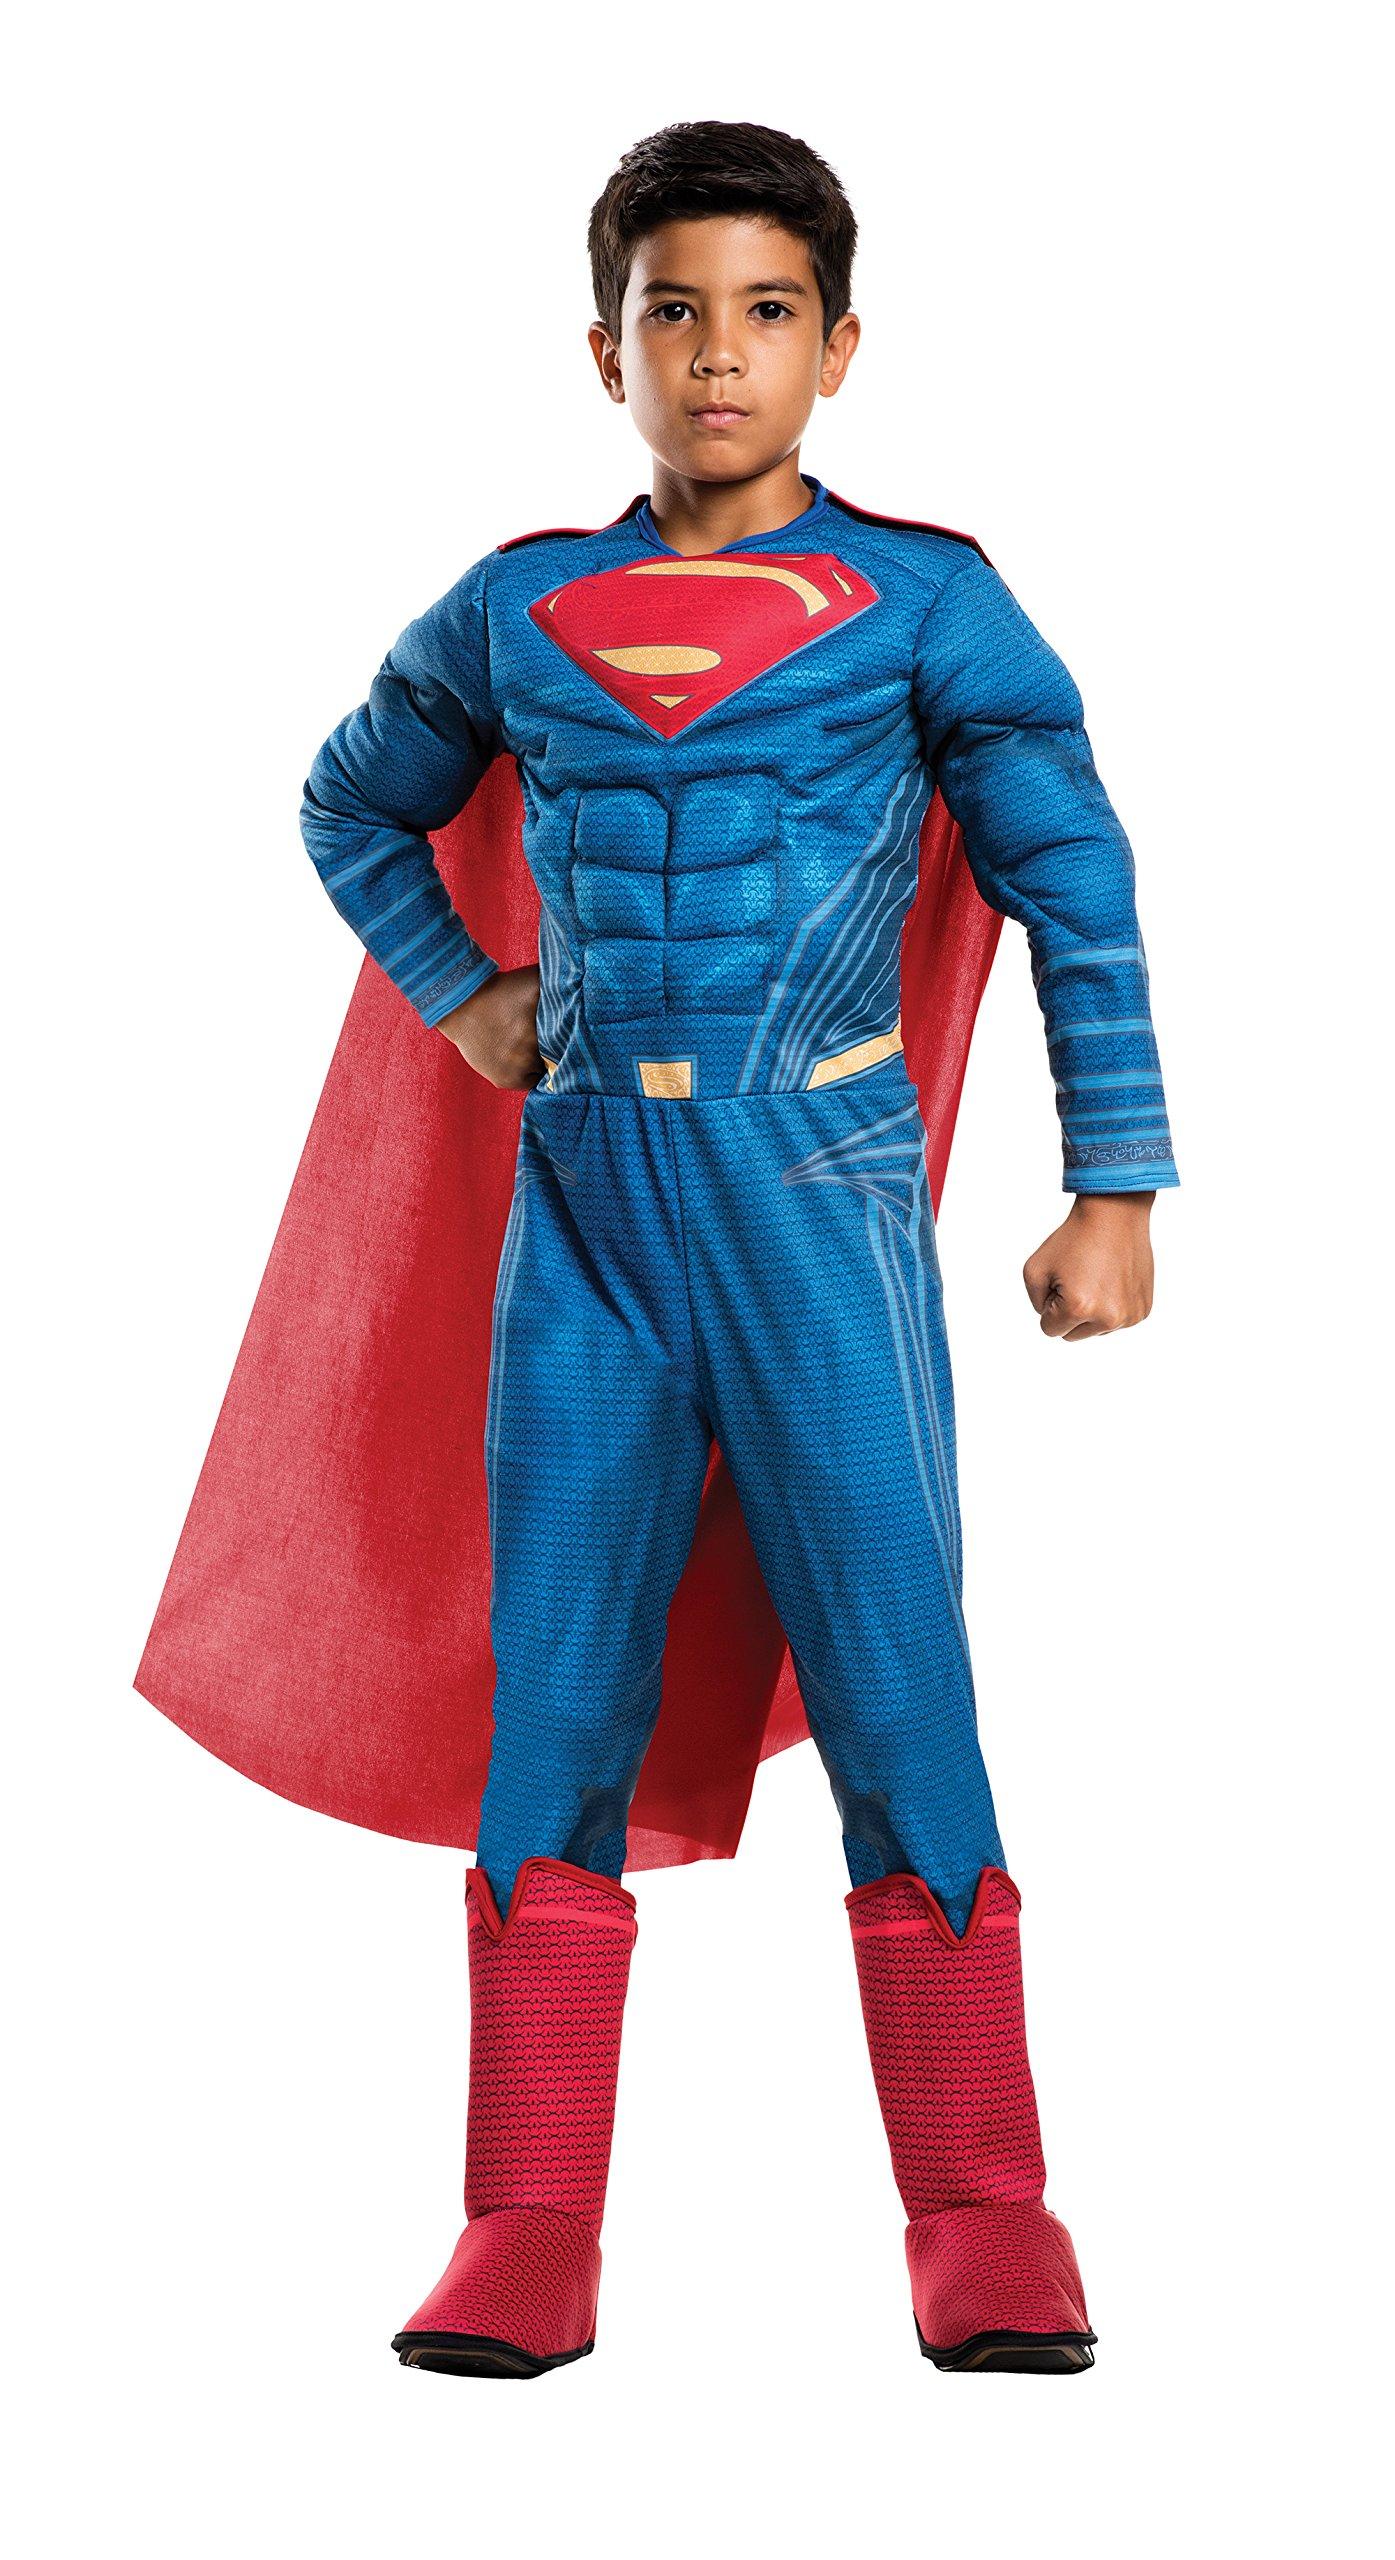 Rubie's Costume Boys Justice League Deluxe Superman Costume, Medium, Multicolor